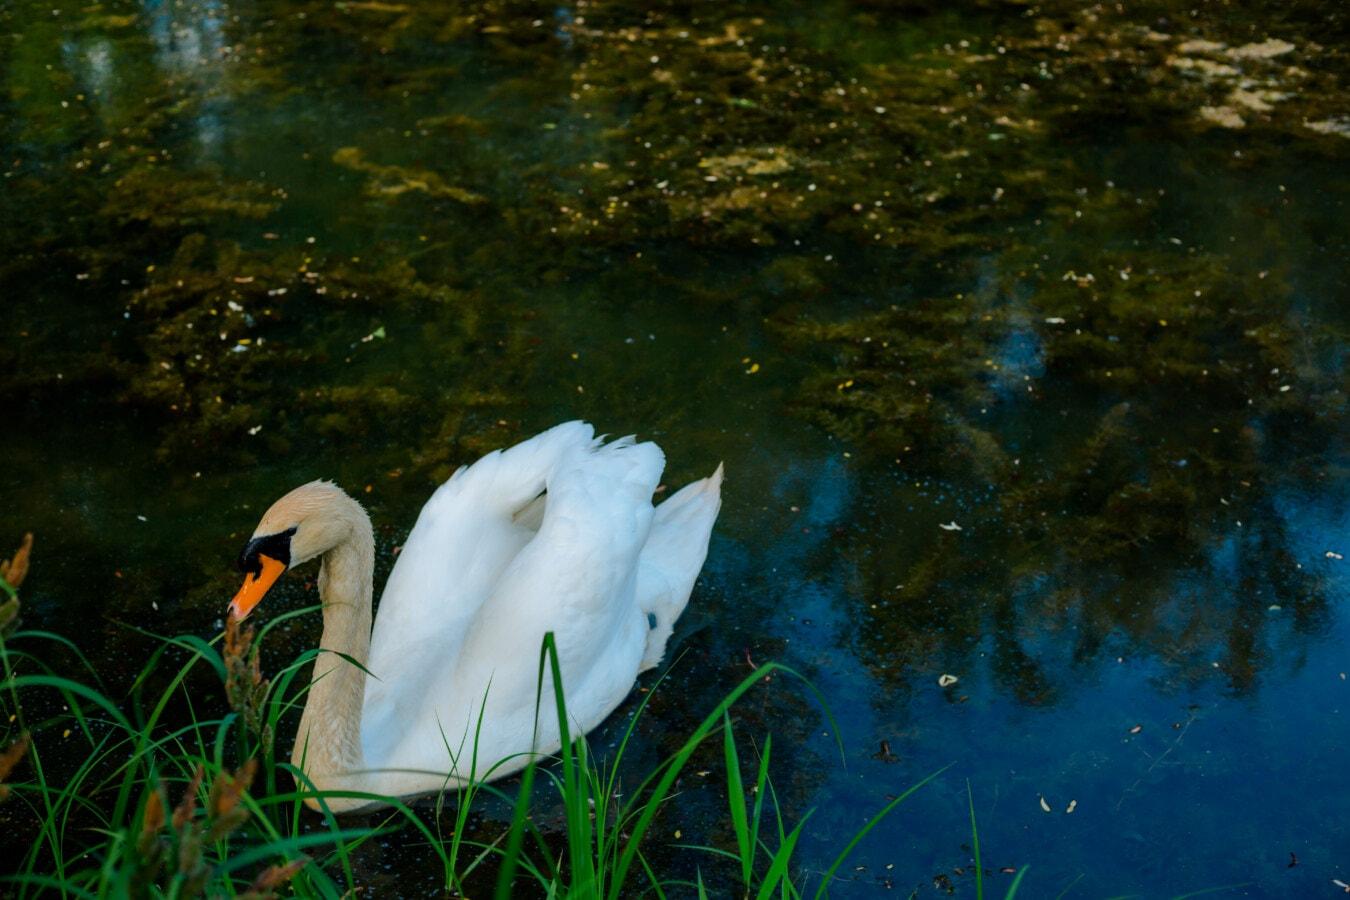 contacto directo, cisne, Gracia, bañados, Lago, agua, flora y fauna, naturaleza, vadear el pájaro, pájaro